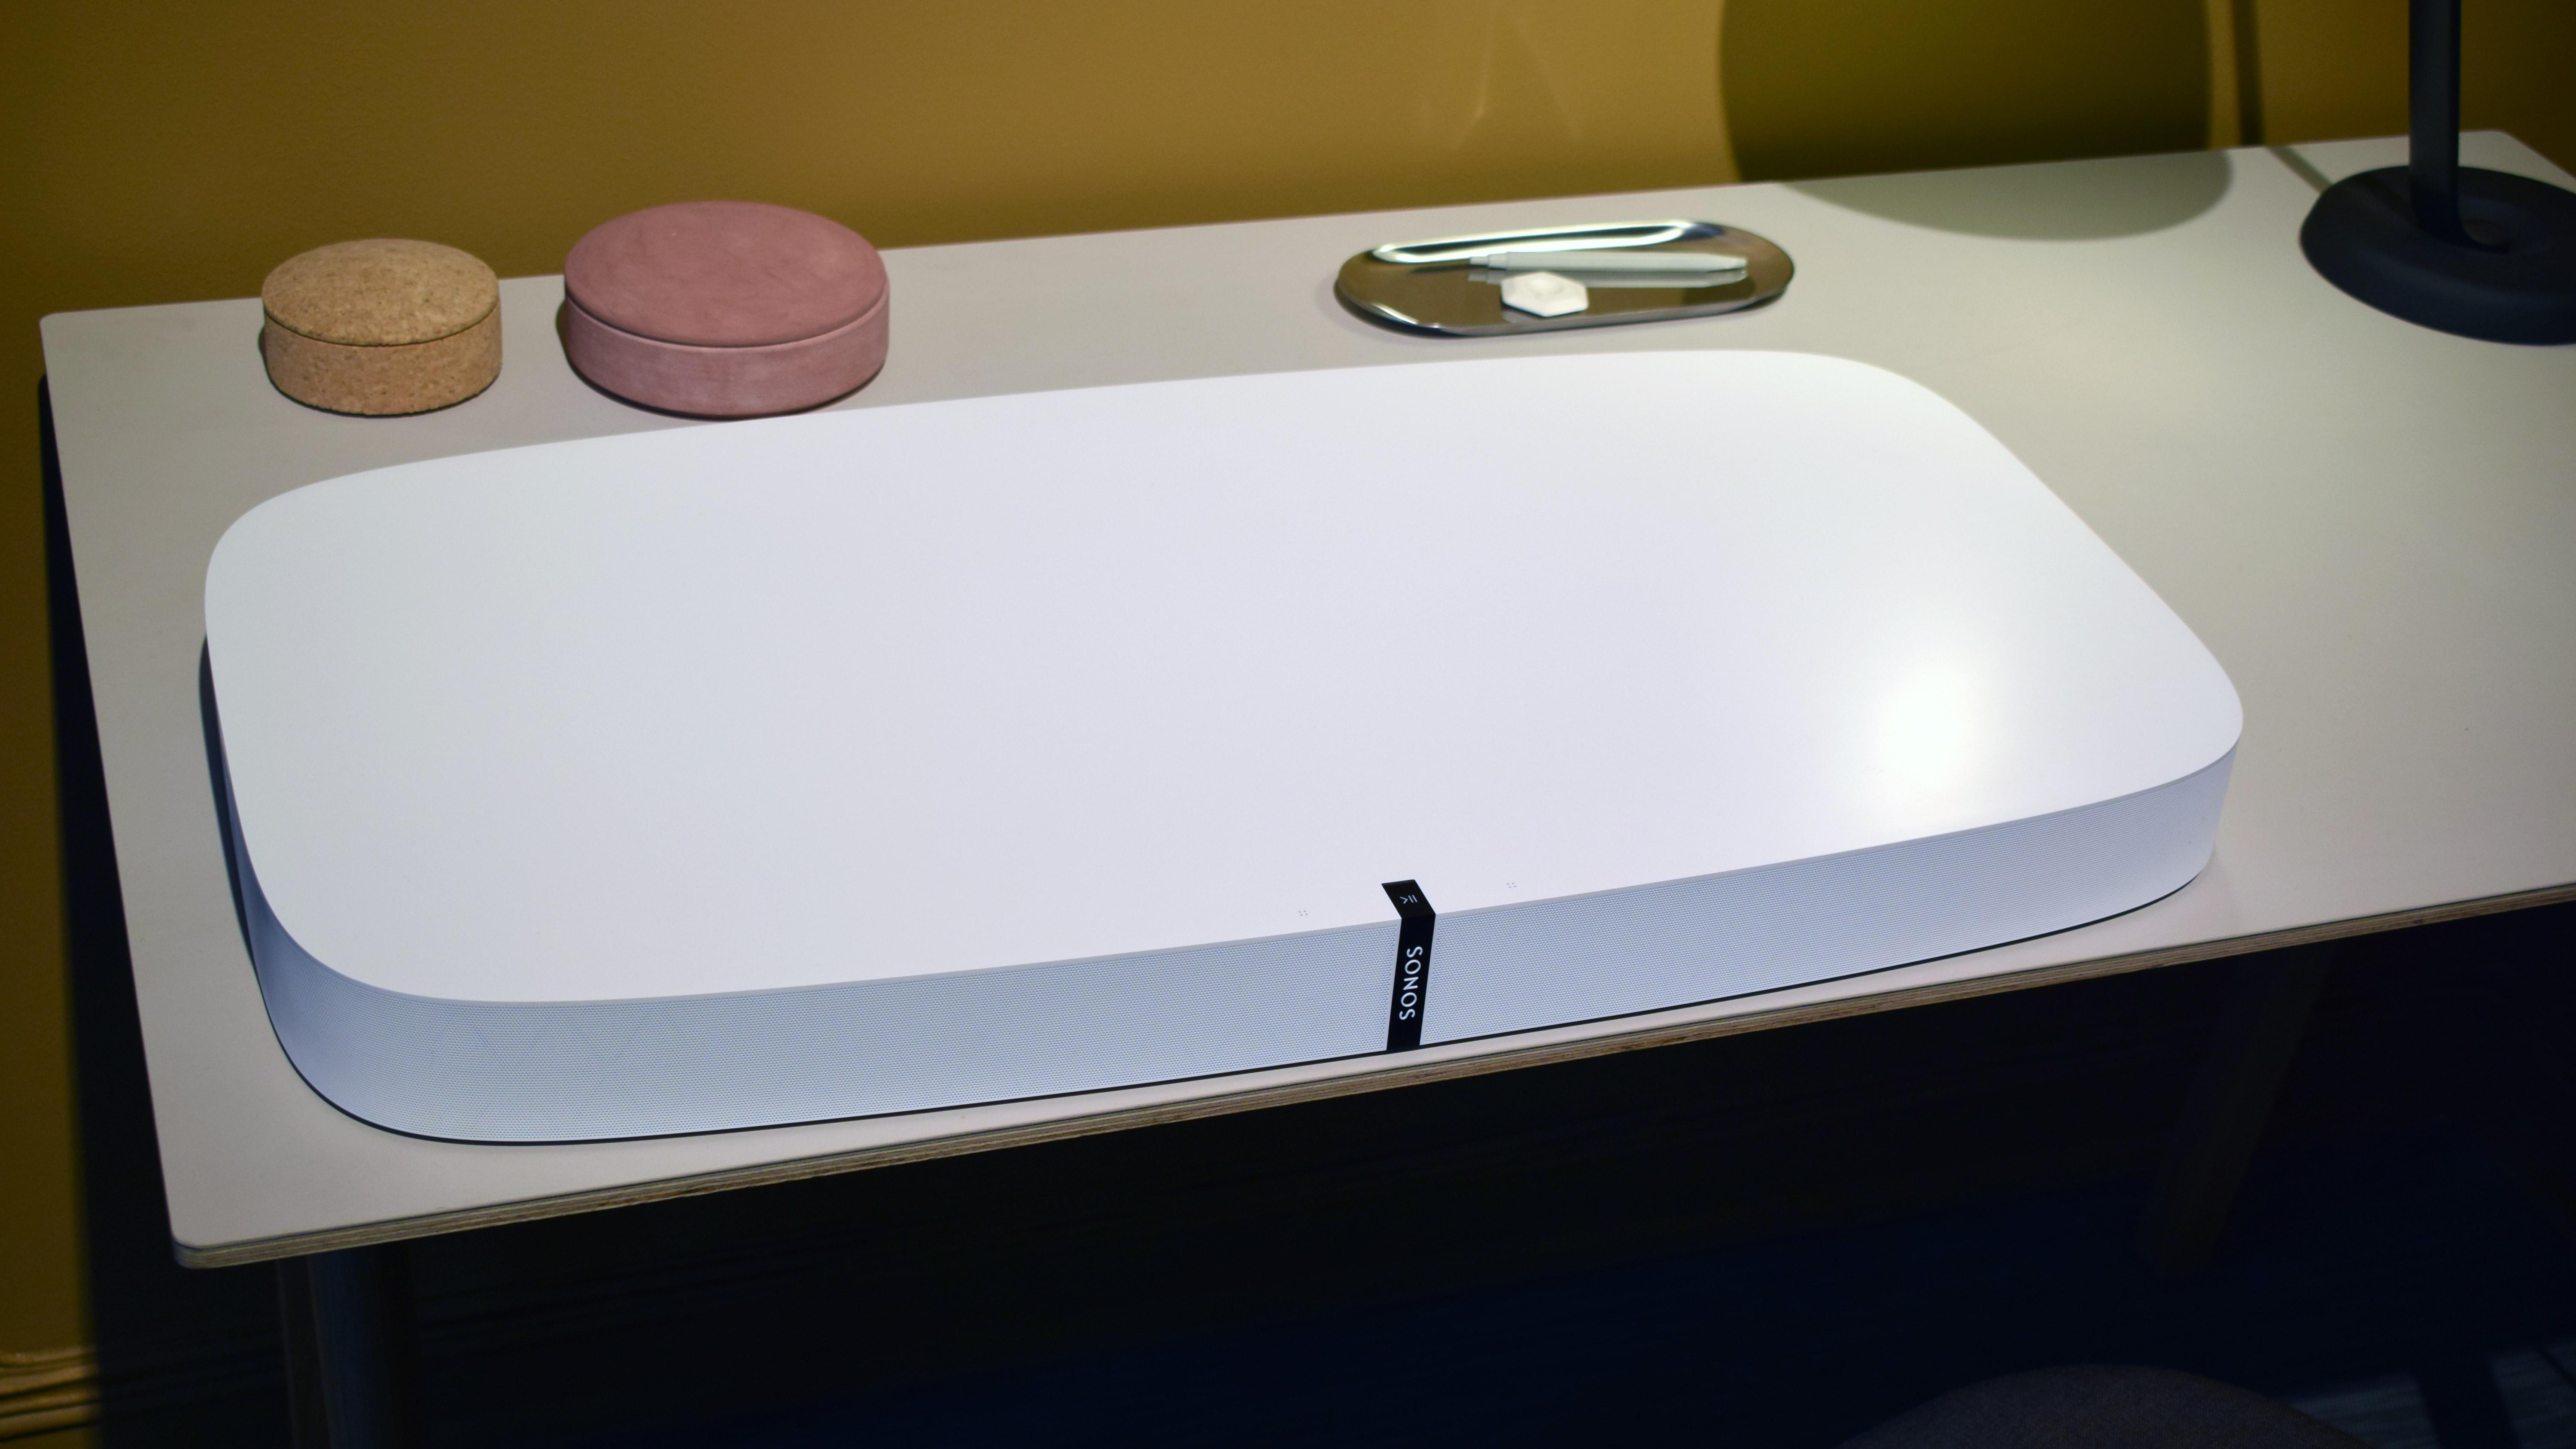 Mange har ikke plass til store høyttalere ved siden av TV-en, eller har småtroll som kan komme til å velte dem. Produkter som dette er et godt alternativ.